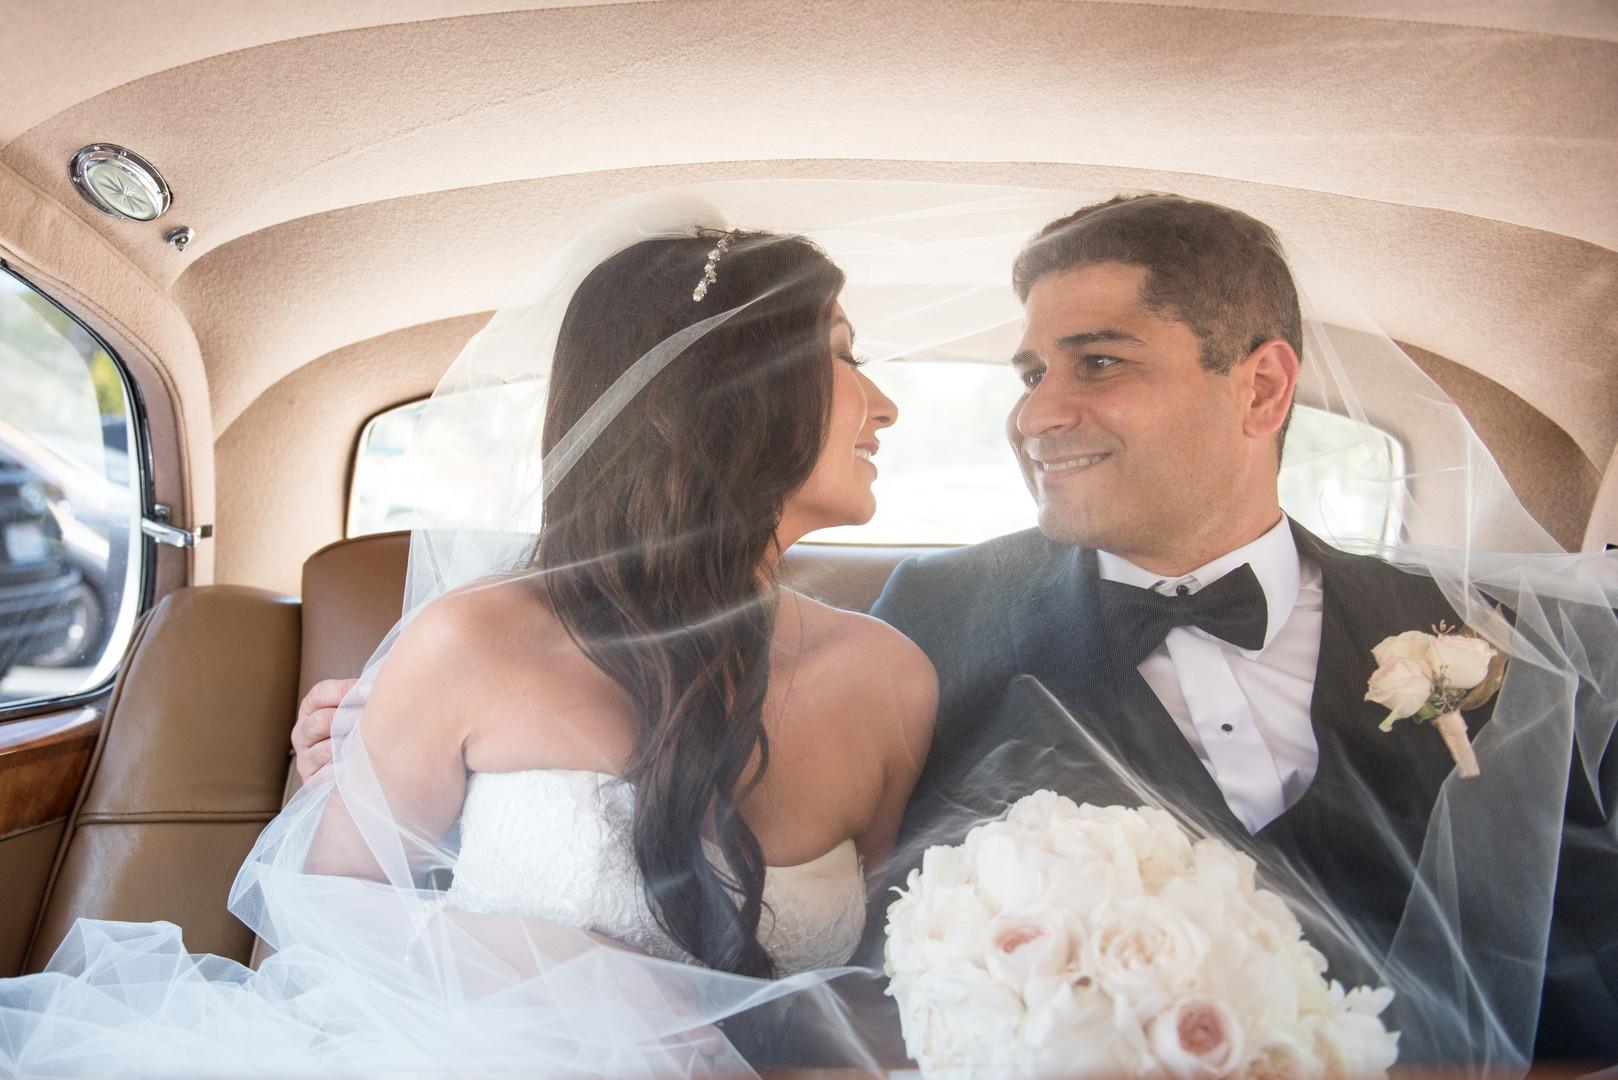 www.santabarbarawedding.com   The Big Affair   Four Seasons The Biltmore Santa Barbara   Asiel Designs   Classy Chasis Rentals   Bride and Groom Getaway